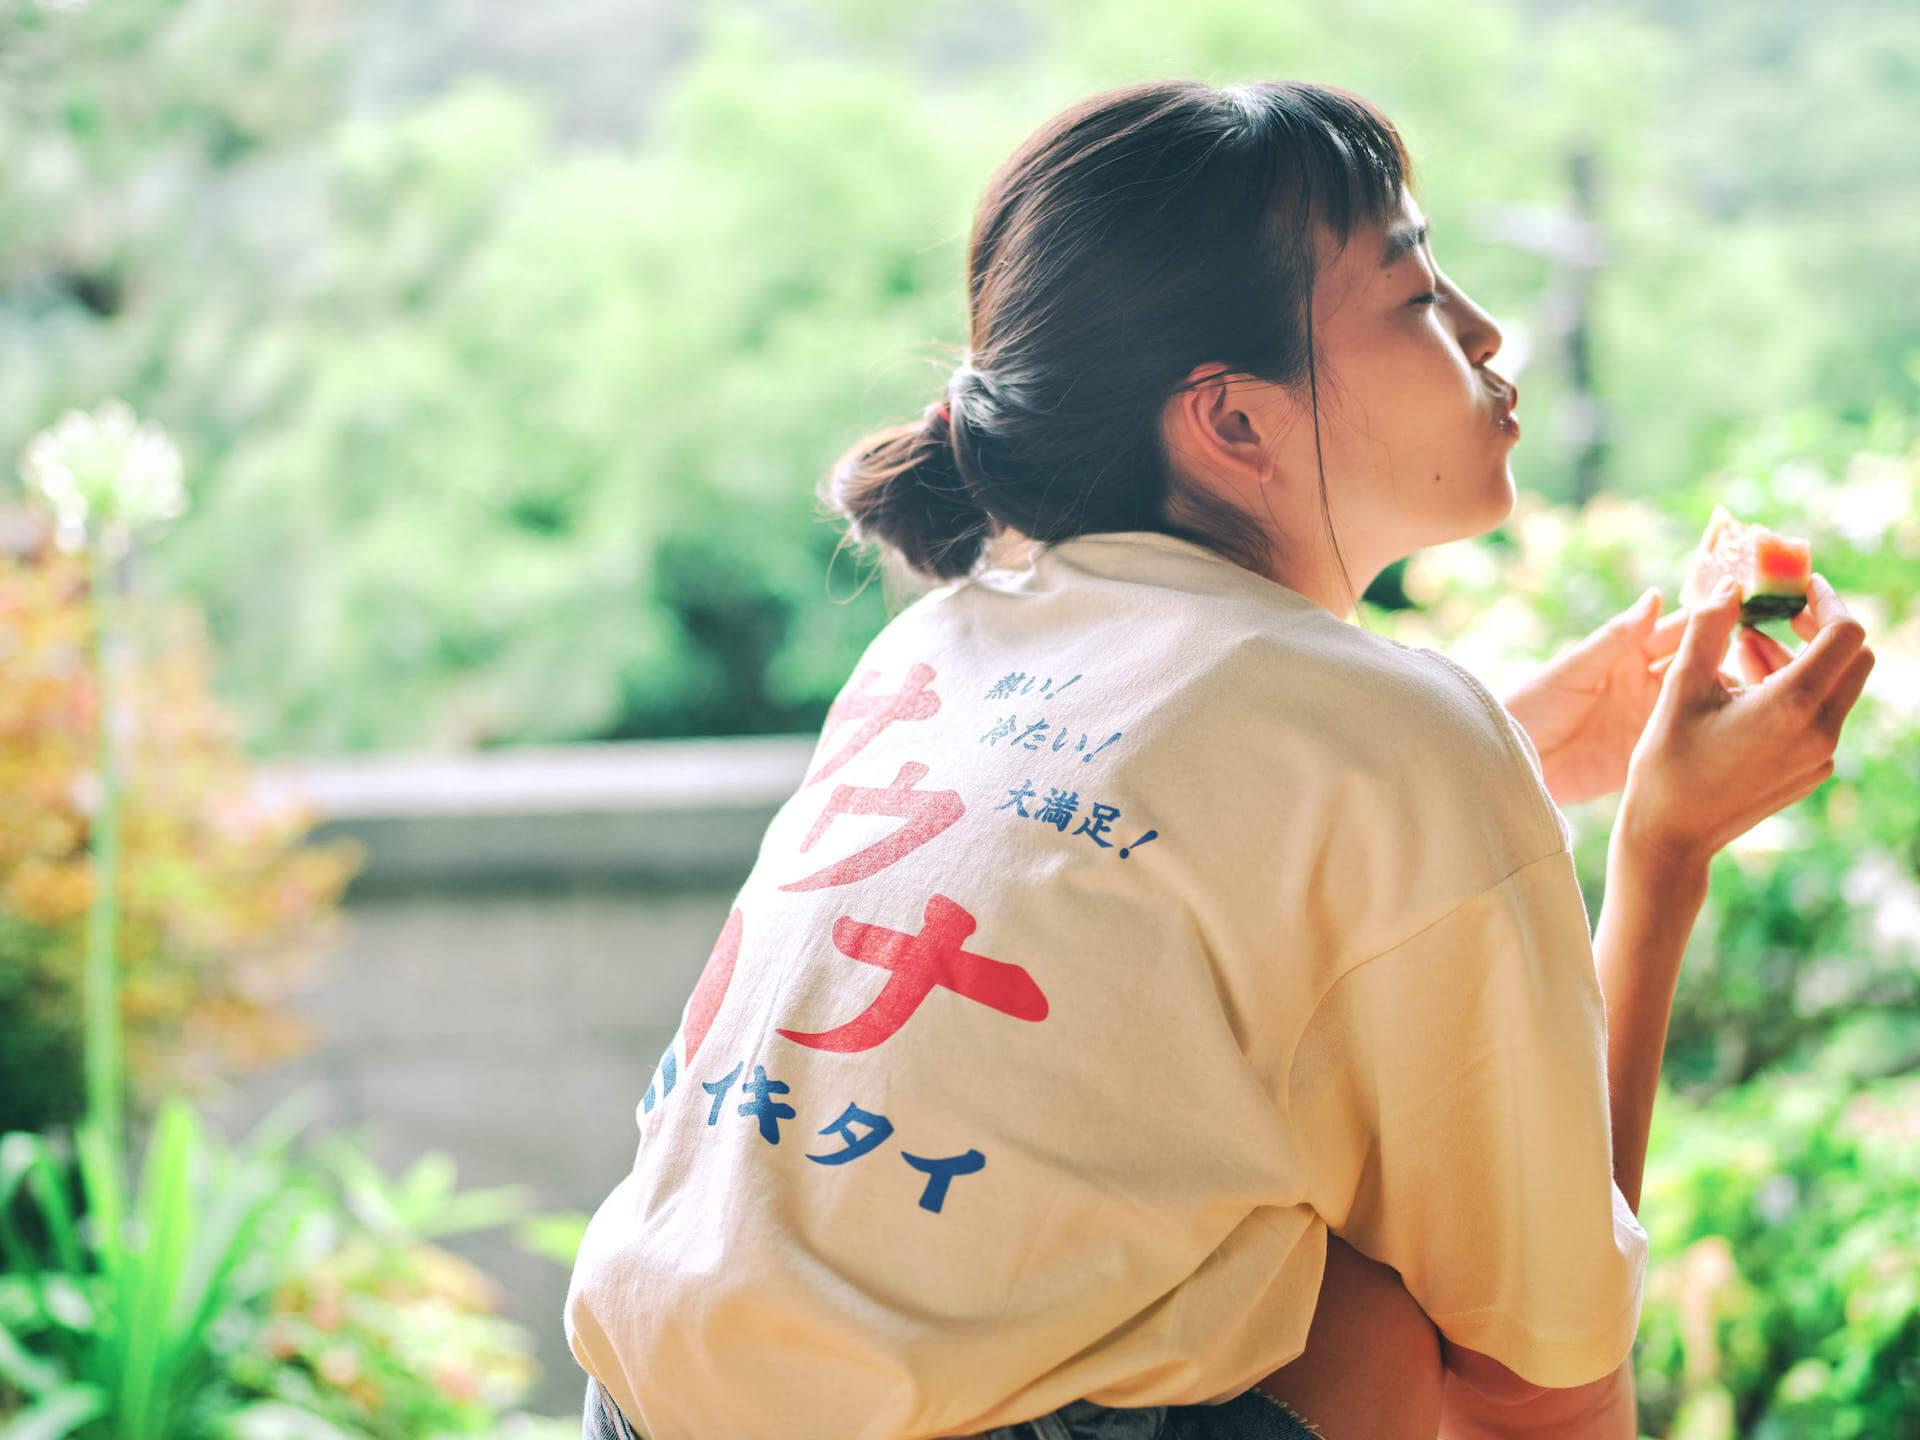 サウナイキタイのサウナグッズ2021年夏バージョンが発売!ペリカンシャツ、サコッシュなど5アイテムが登場 life210729_saunaikitai_15